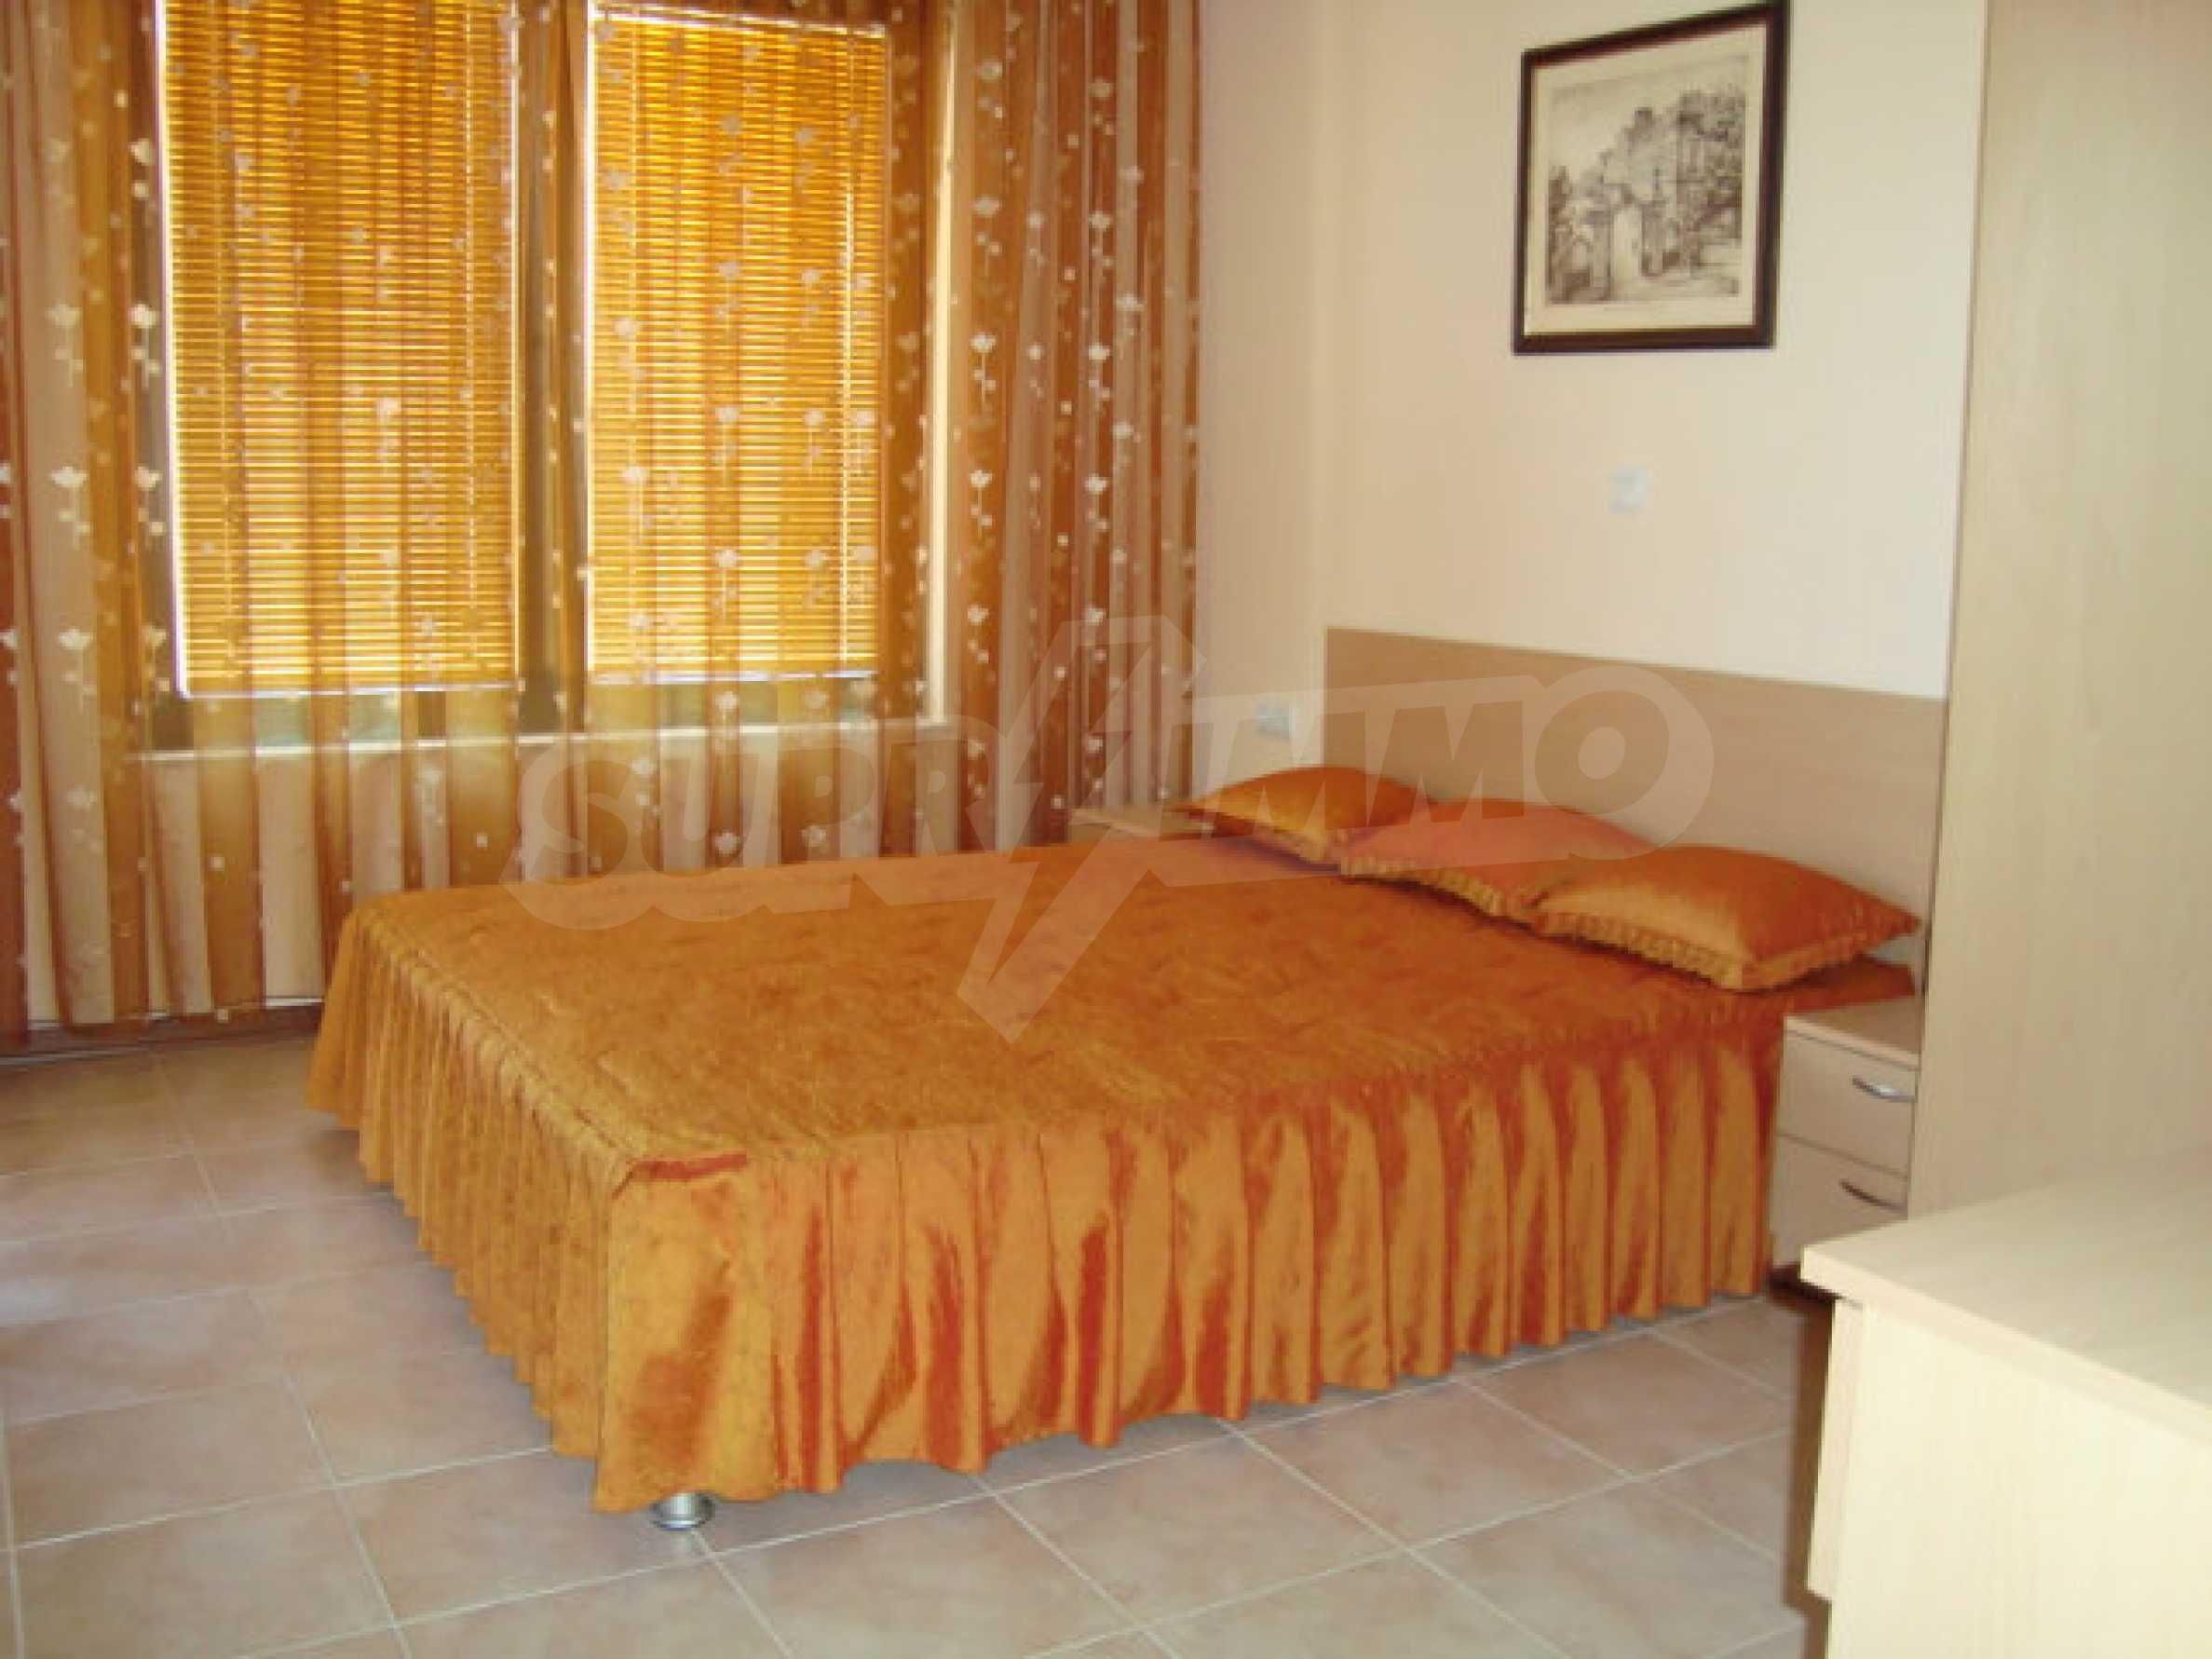 Zwei-Zimmer-Wohnung in Saint Nicholas Komplex in Chernomorets 10